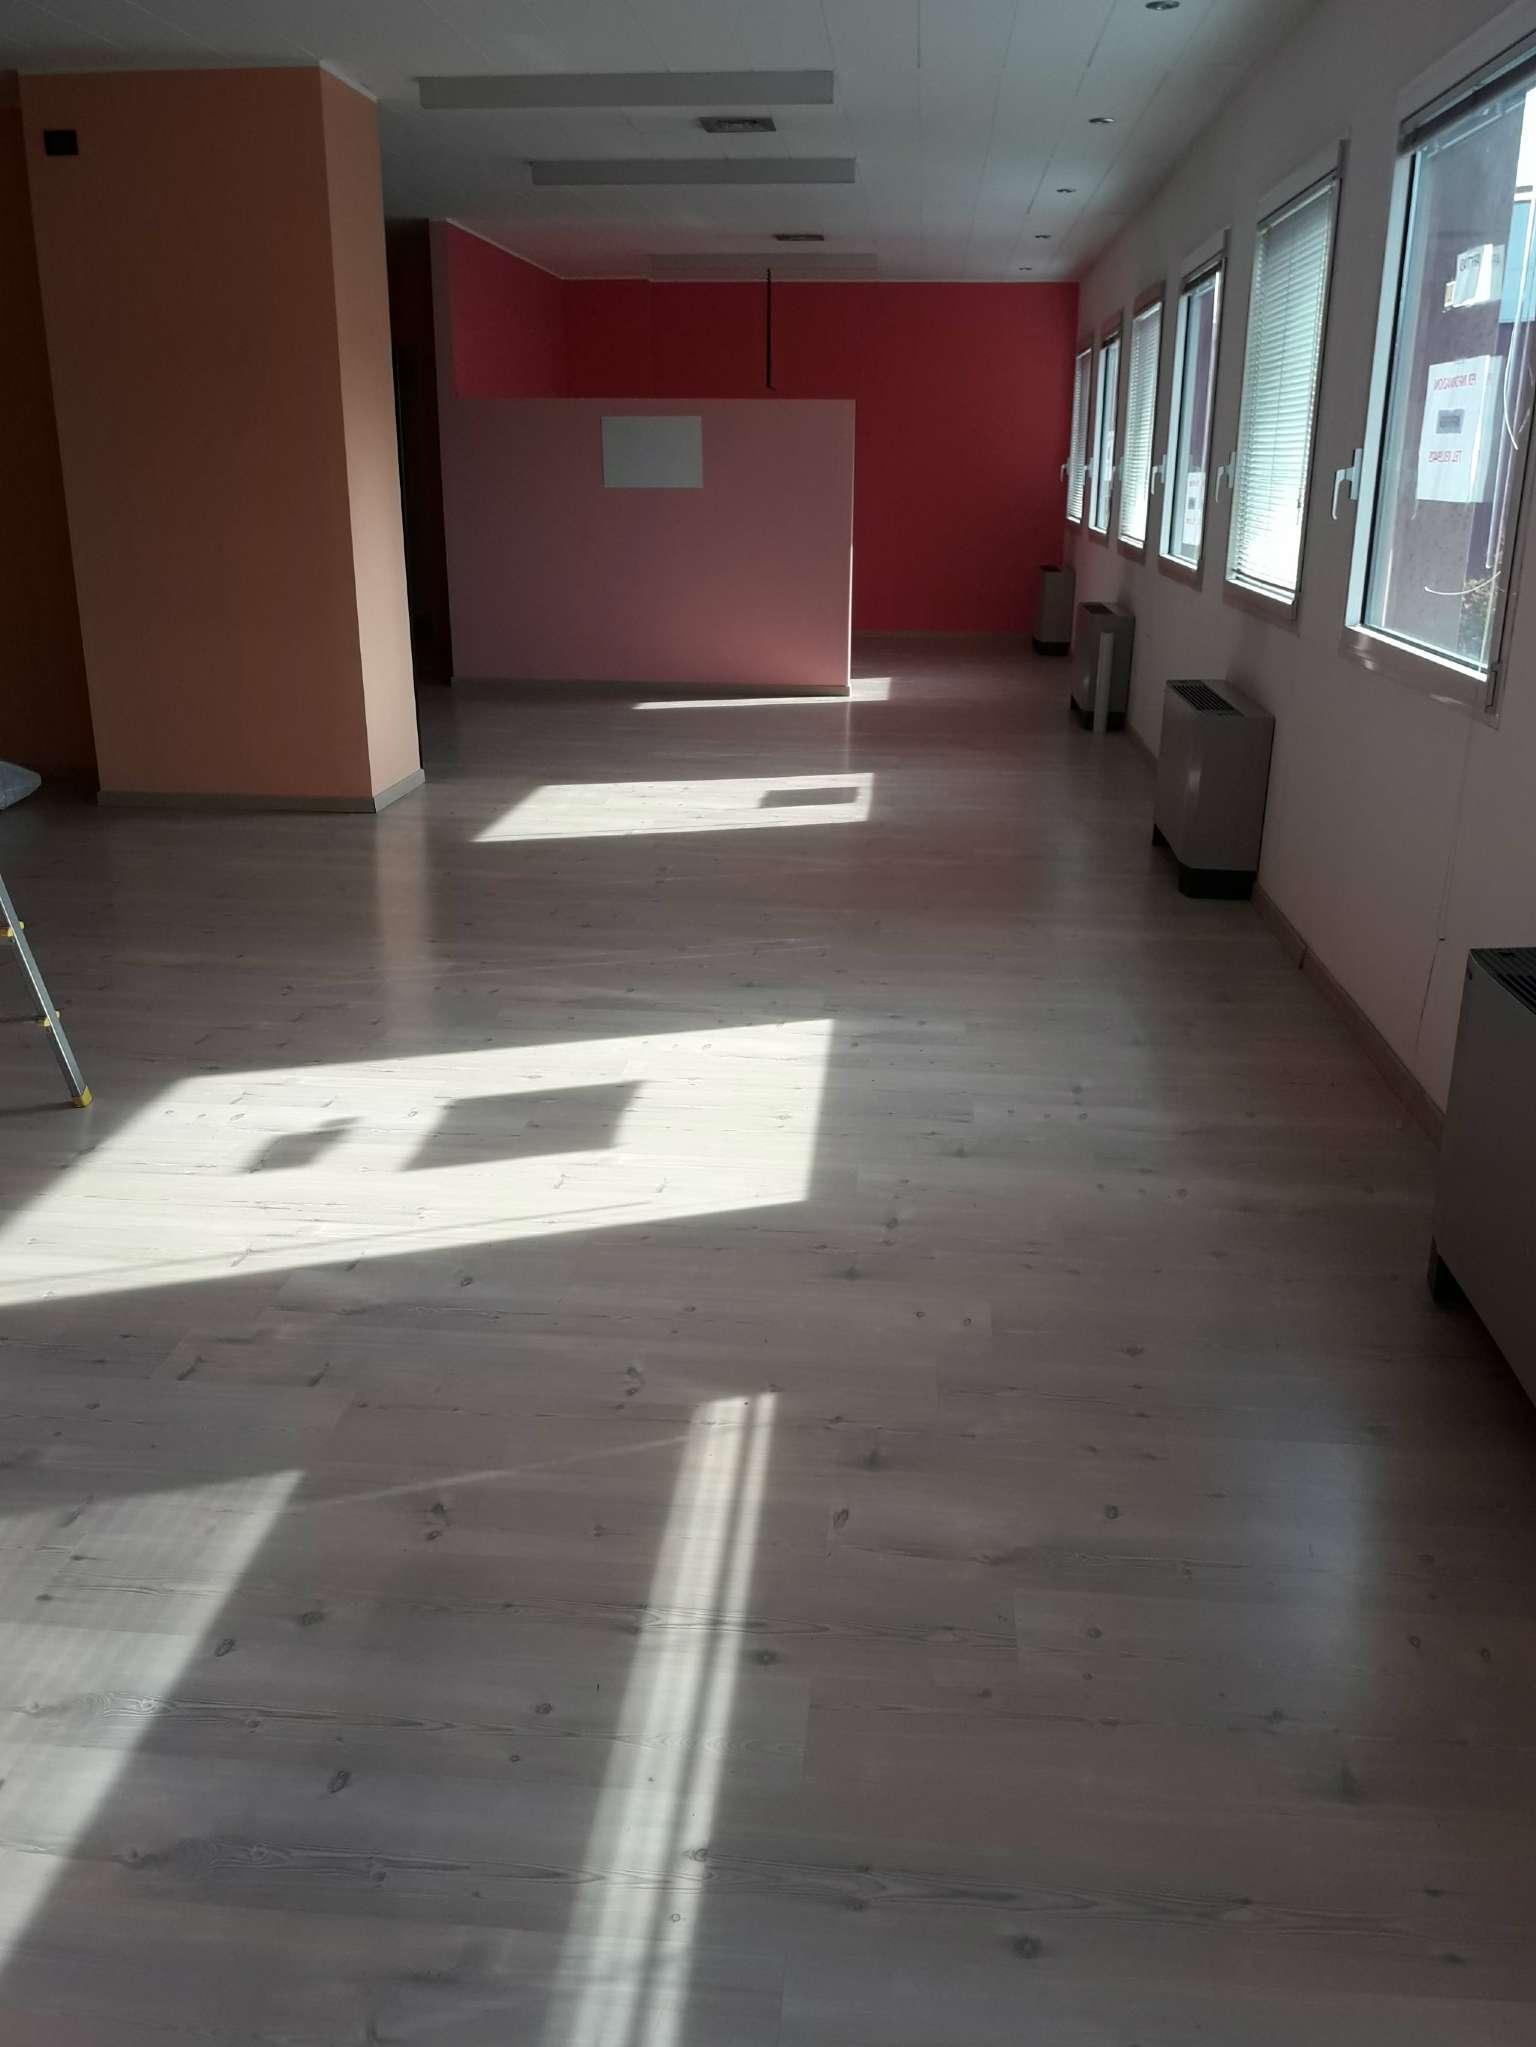 Ufficio / Studio in affitto a Villa Guardia, 2 locali, prezzo € 750 | CambioCasa.it